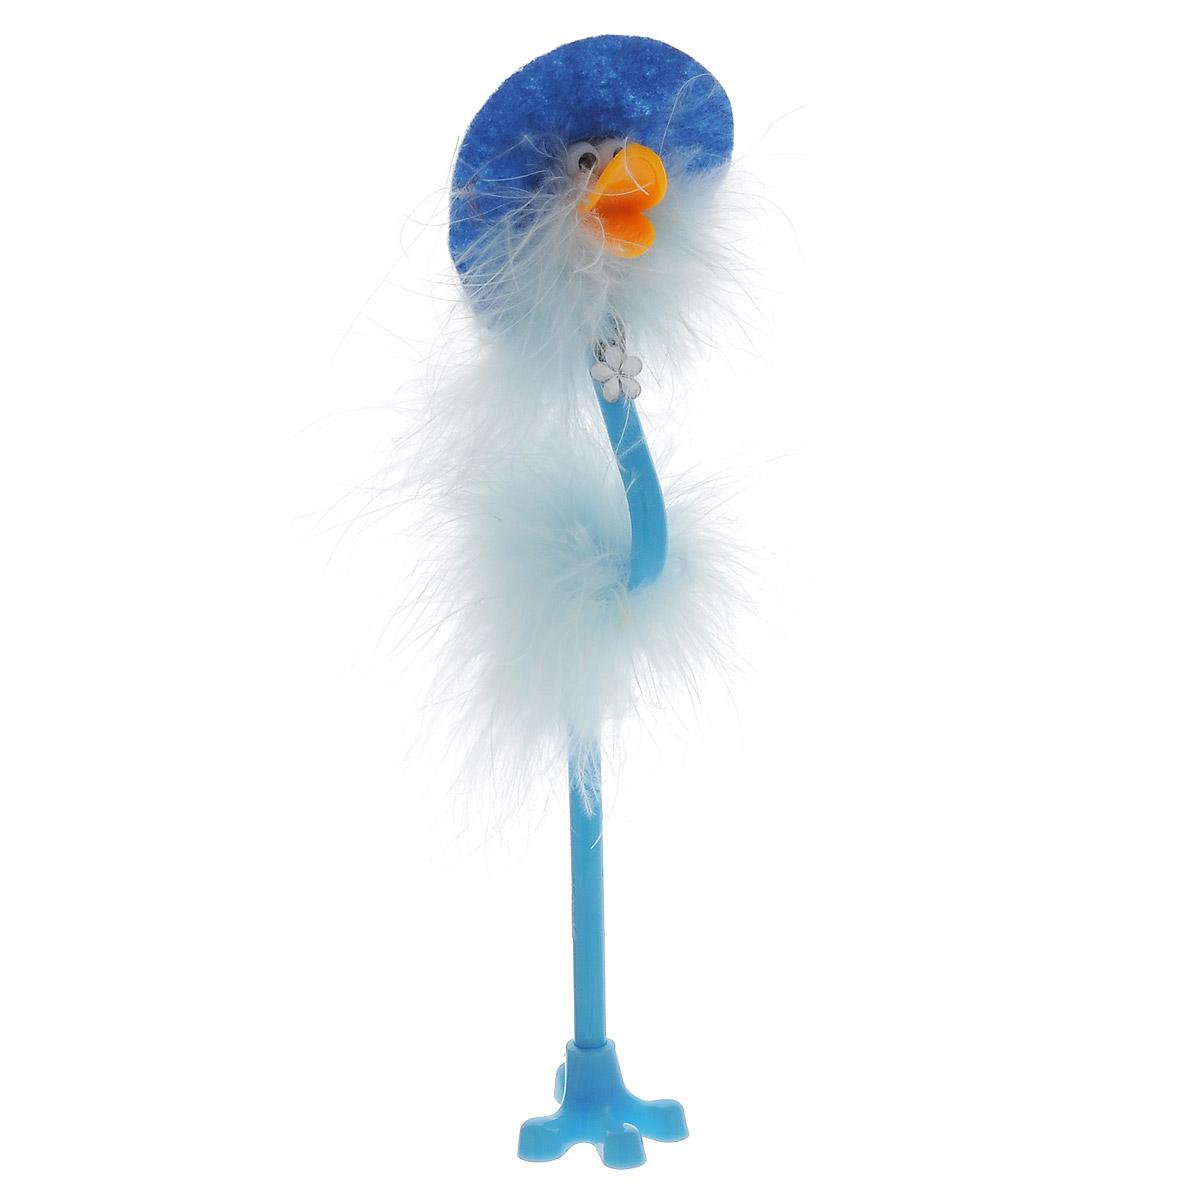 Ручка-игрушка Flamingo, в шляпке, с подставкой, цвет: голубой72523WDОригинальная шариковая ручка-игрушка Flamingo станет отличным подарком и незаменимым аксессуаром на вашем рабочем столе. Ручка, украшенная перьями, выполнена в виде забавной птички фламинго в широкополой шляпке. К ручке прилагается подставка в виде лапки. Такая ручка - это забавный и практичный подарок, она не потеряется среди бумаг и непременно вызовет улыбку окружающих.